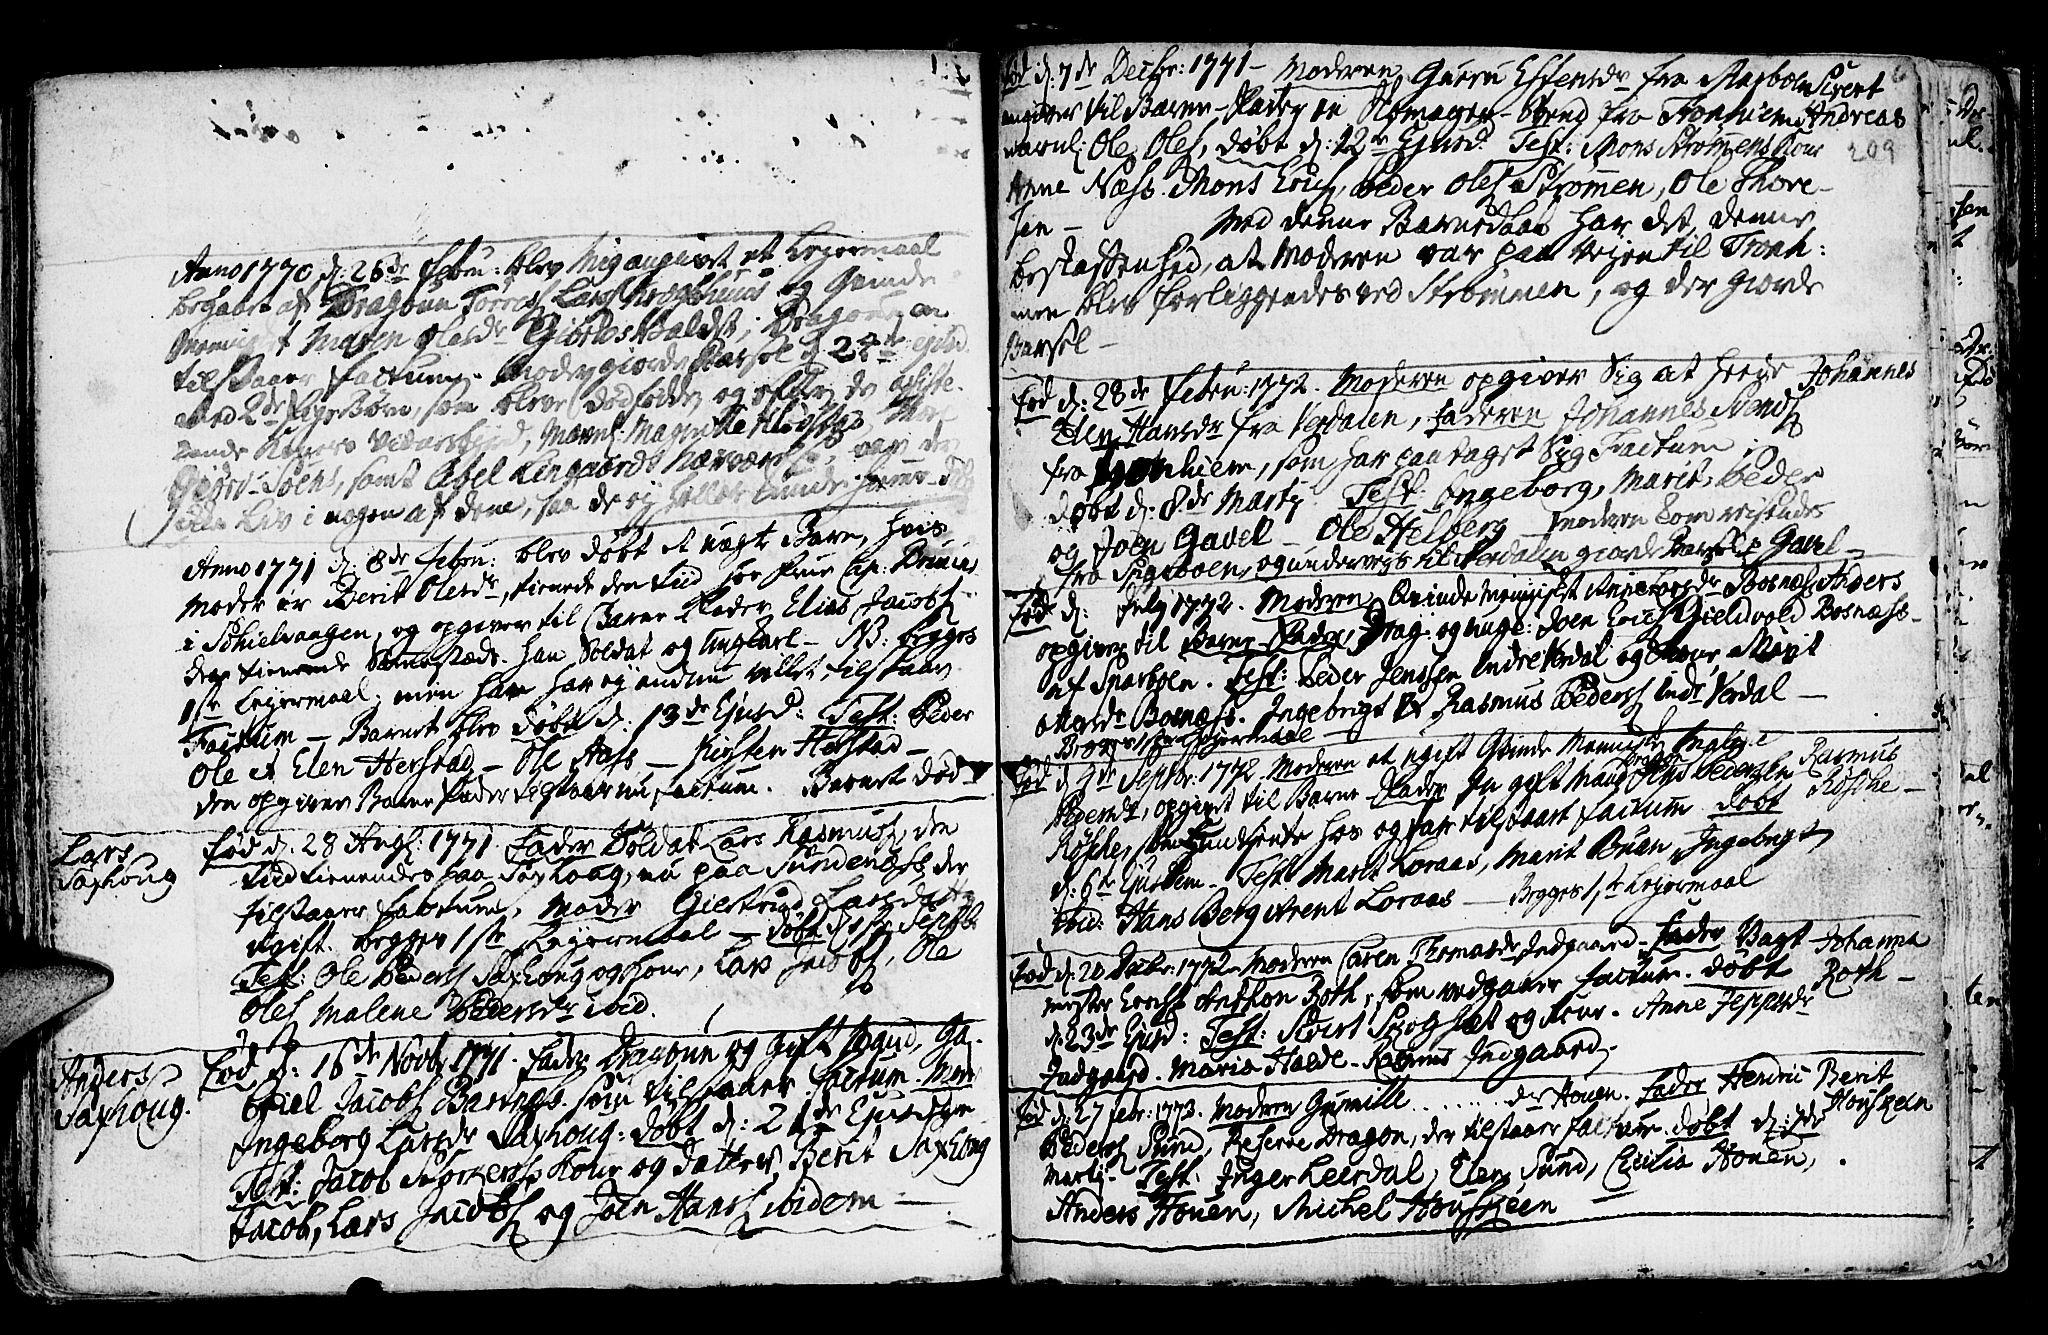 SAT, Ministerialprotokoller, klokkerbøker og fødselsregistre - Nord-Trøndelag, 730/L0273: Ministerialbok nr. 730A02, 1762-1802, s. 209